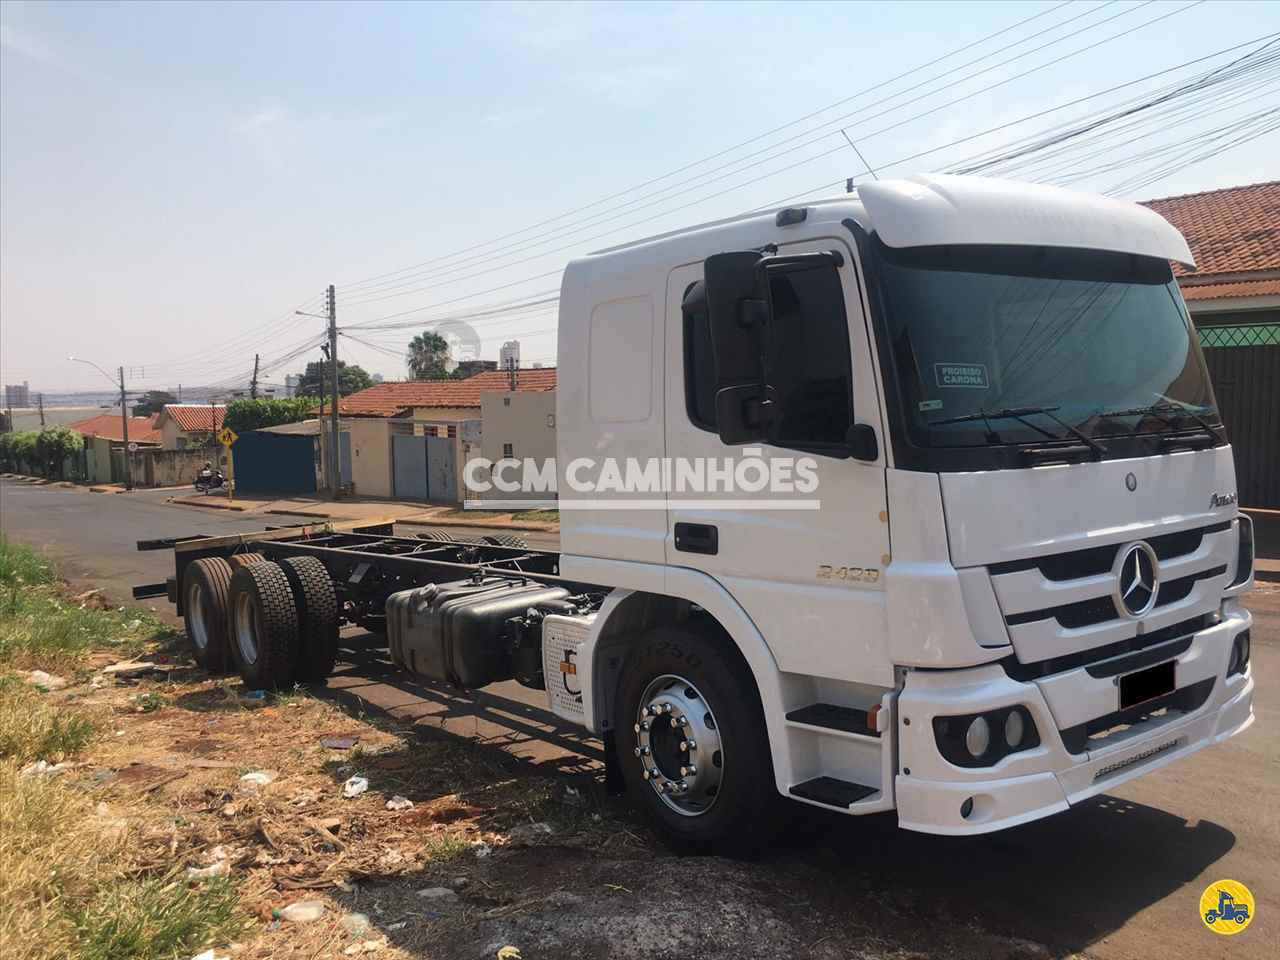 CAMINHAO MERCEDES-BENZ MB 2429 Chassis Truck 6x2 CCM Caminhões GOIANIA GOIAS GO